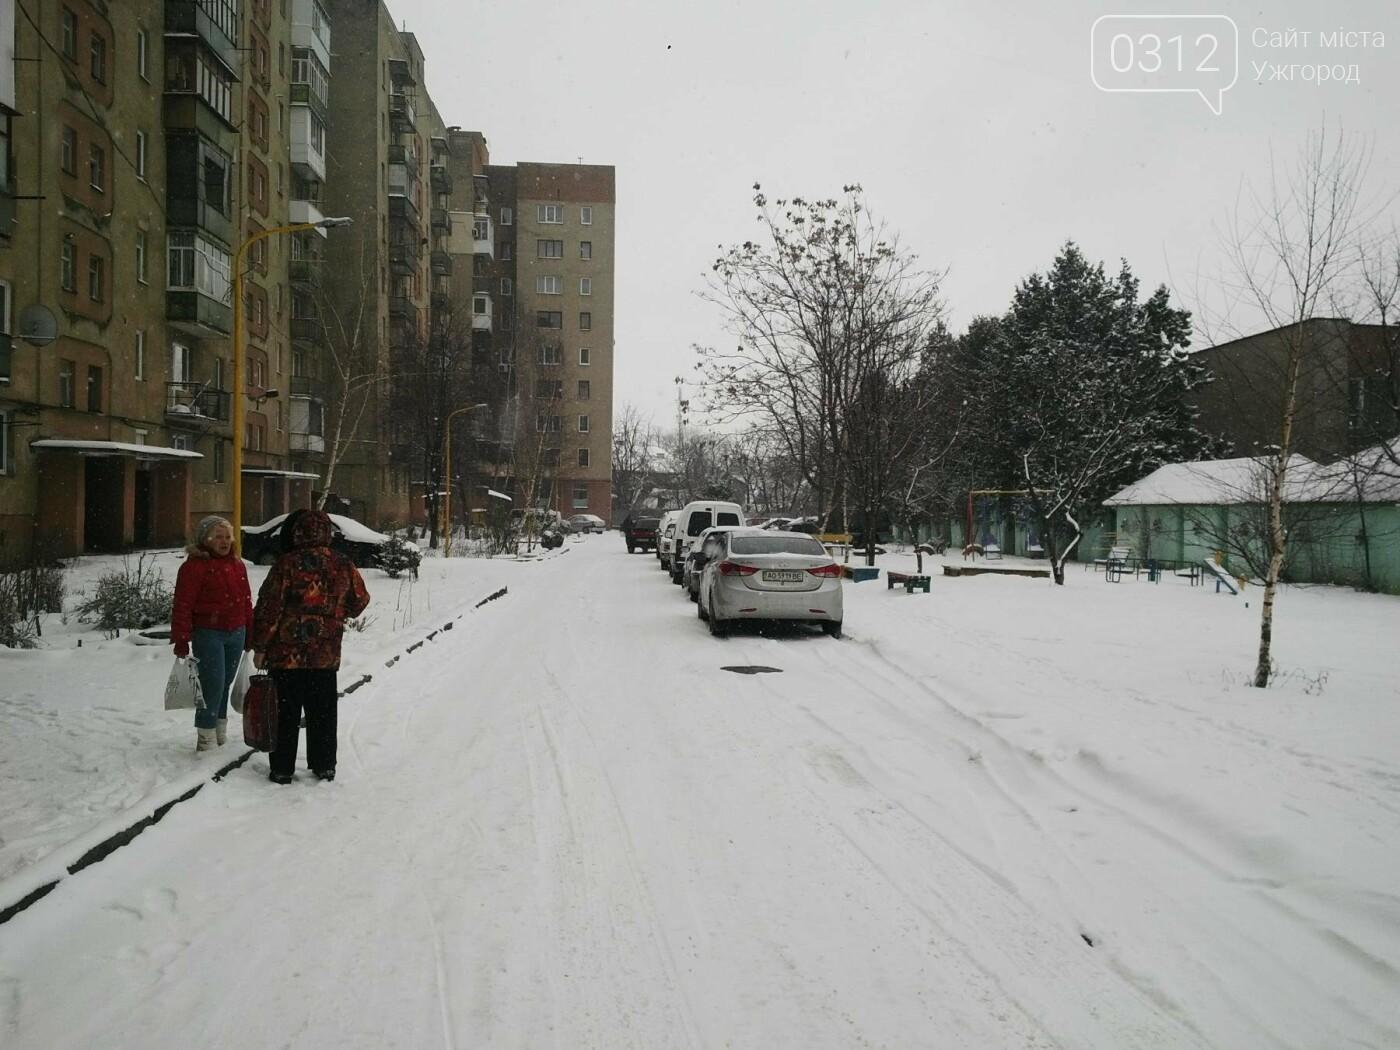 Ужгород - наодинці зі снігом: тротуари не розчищені та непідсипані, у двори не ступала нога комунальника (ФОТОРЕПОРТАЖ), фото-7